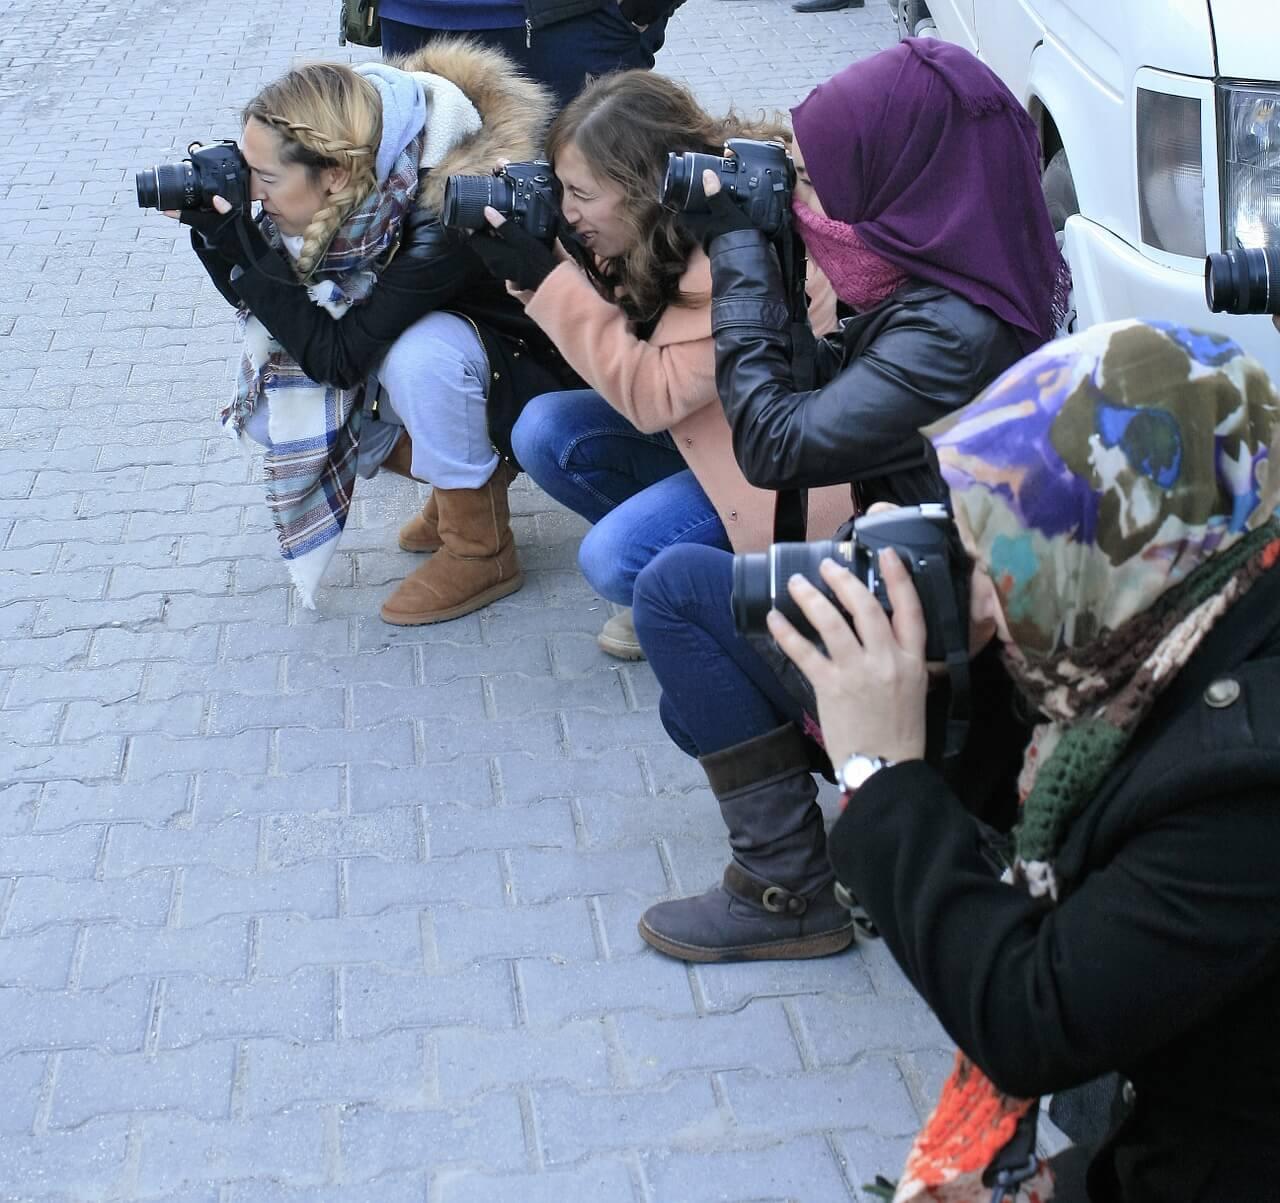 5 coisas a avaliar para escolher o melhor curso de fotografia